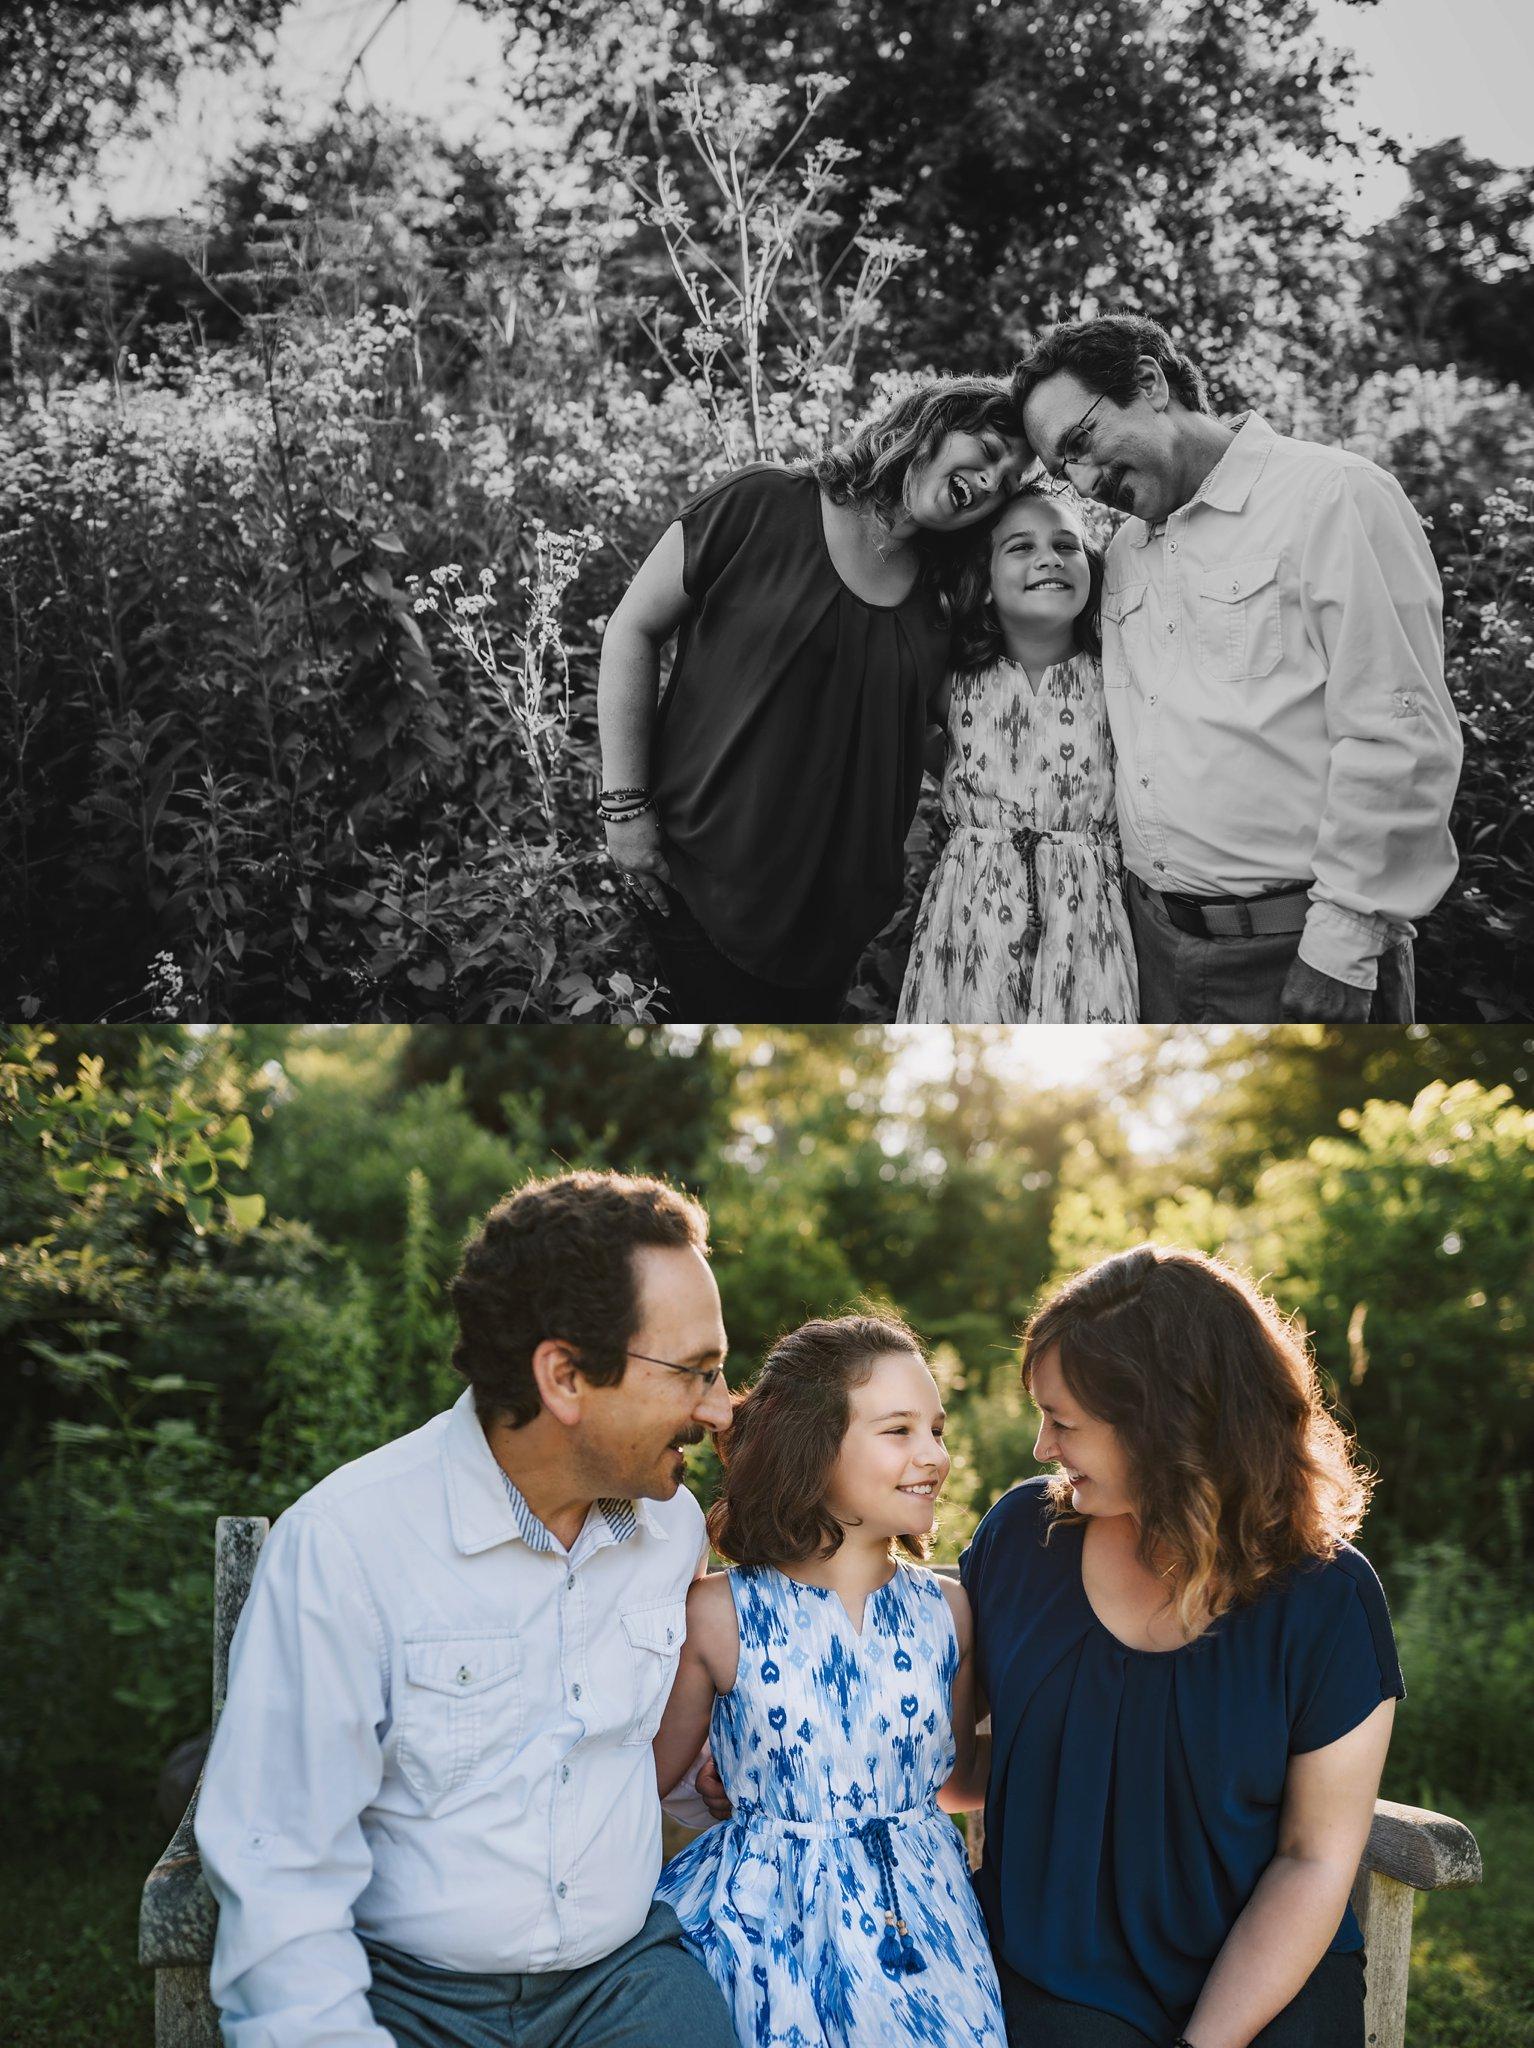 Langer_June_2018-170_Award_Winning_Boston_Massachusetts_Family_Portrait_Photographer_Asher_and_Oak_Photography.jpg